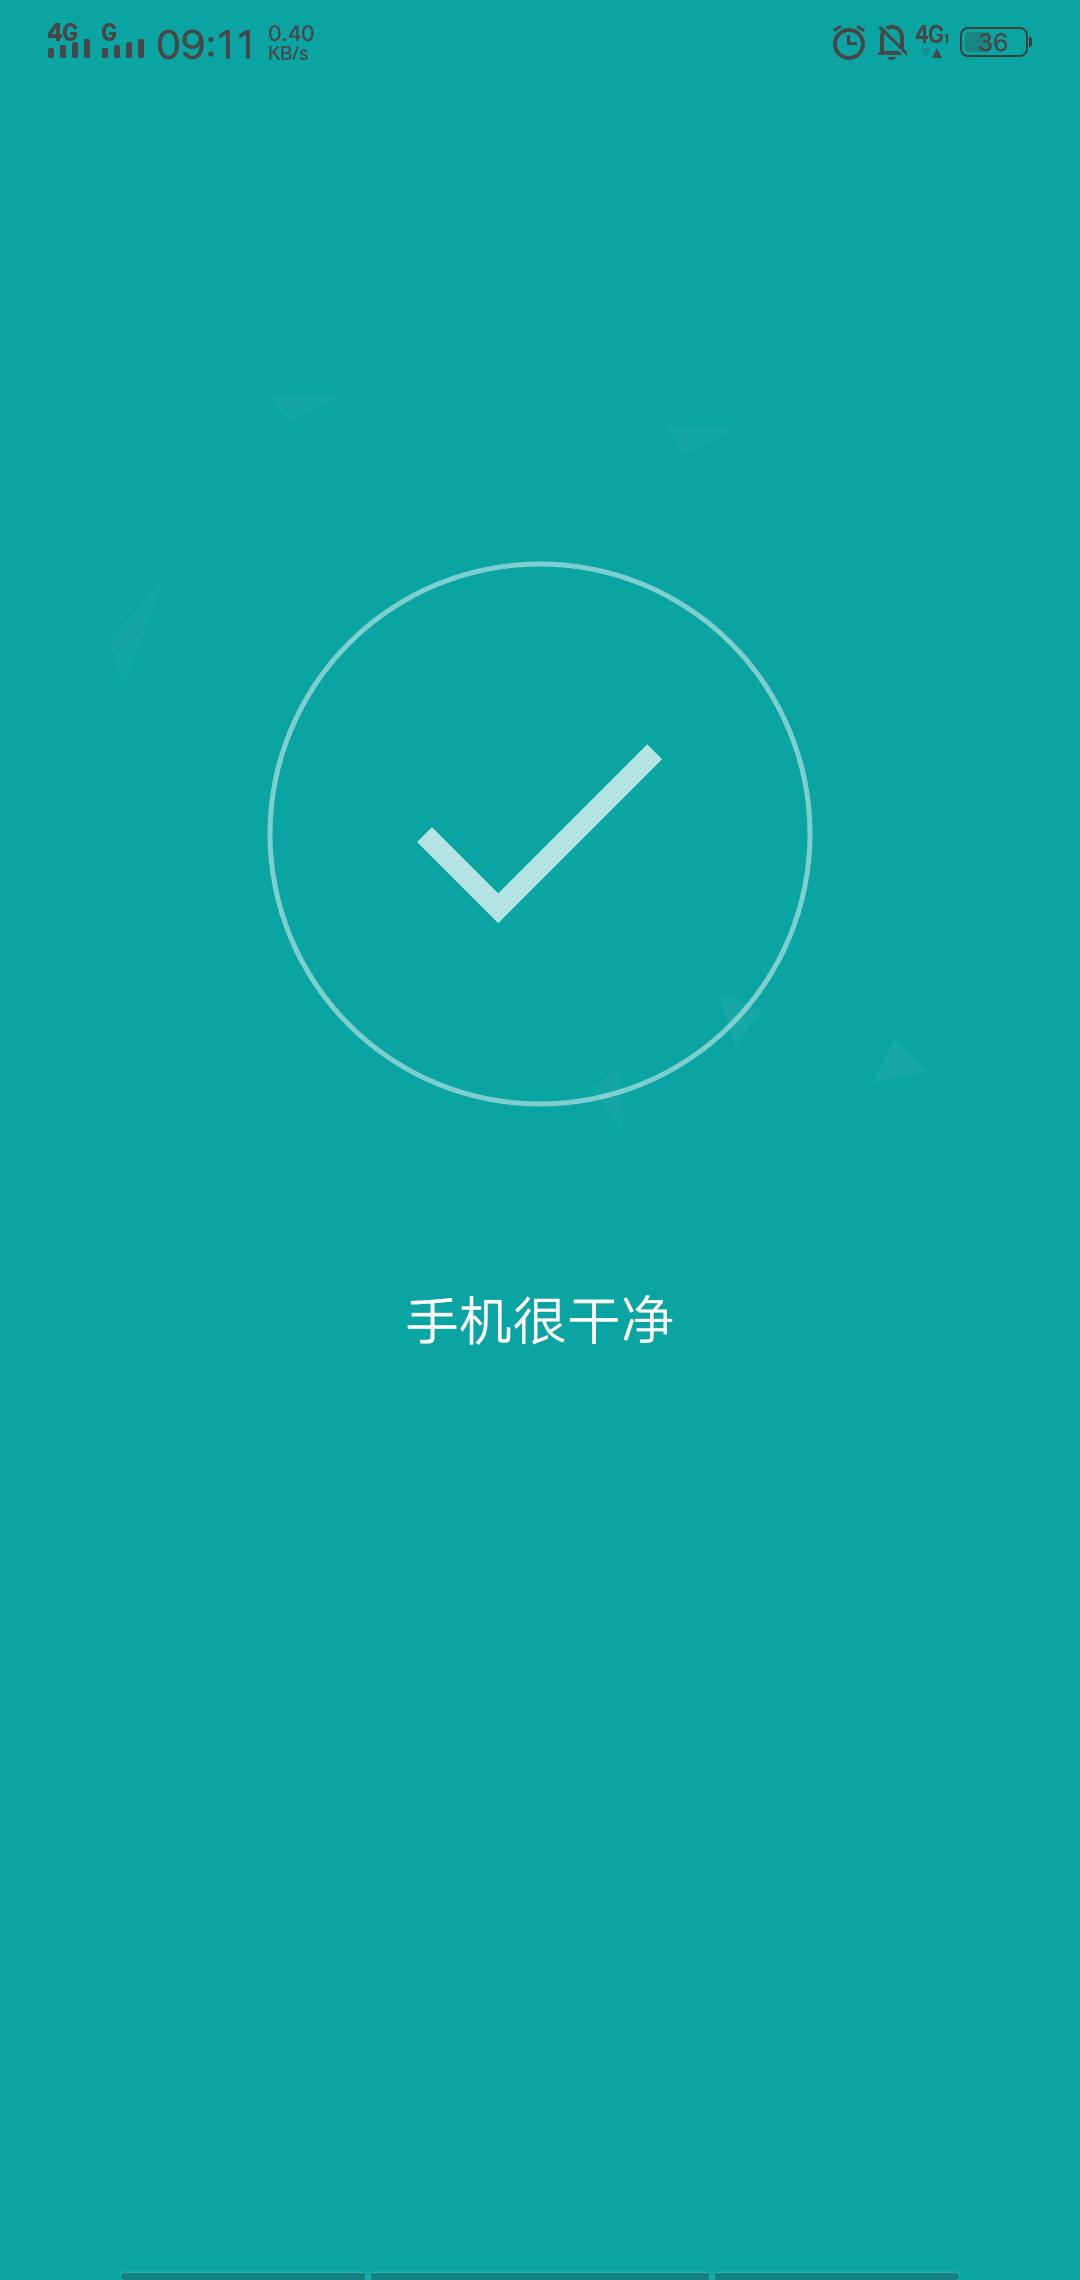 小米文件管理器_清纯版